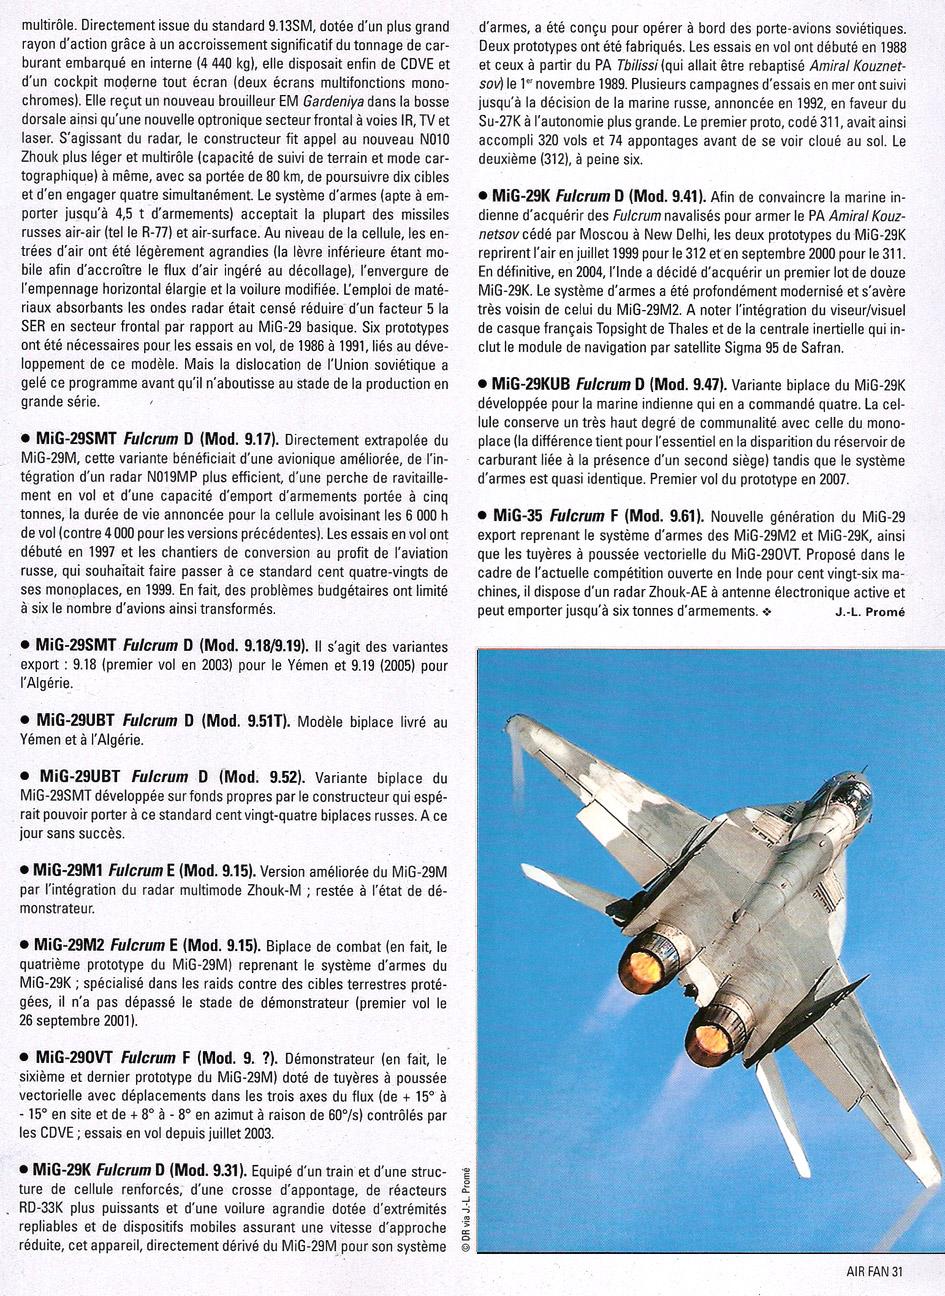 l'Evolution du Mig-29 - Page 2 FAMILLE%20MIG29%202